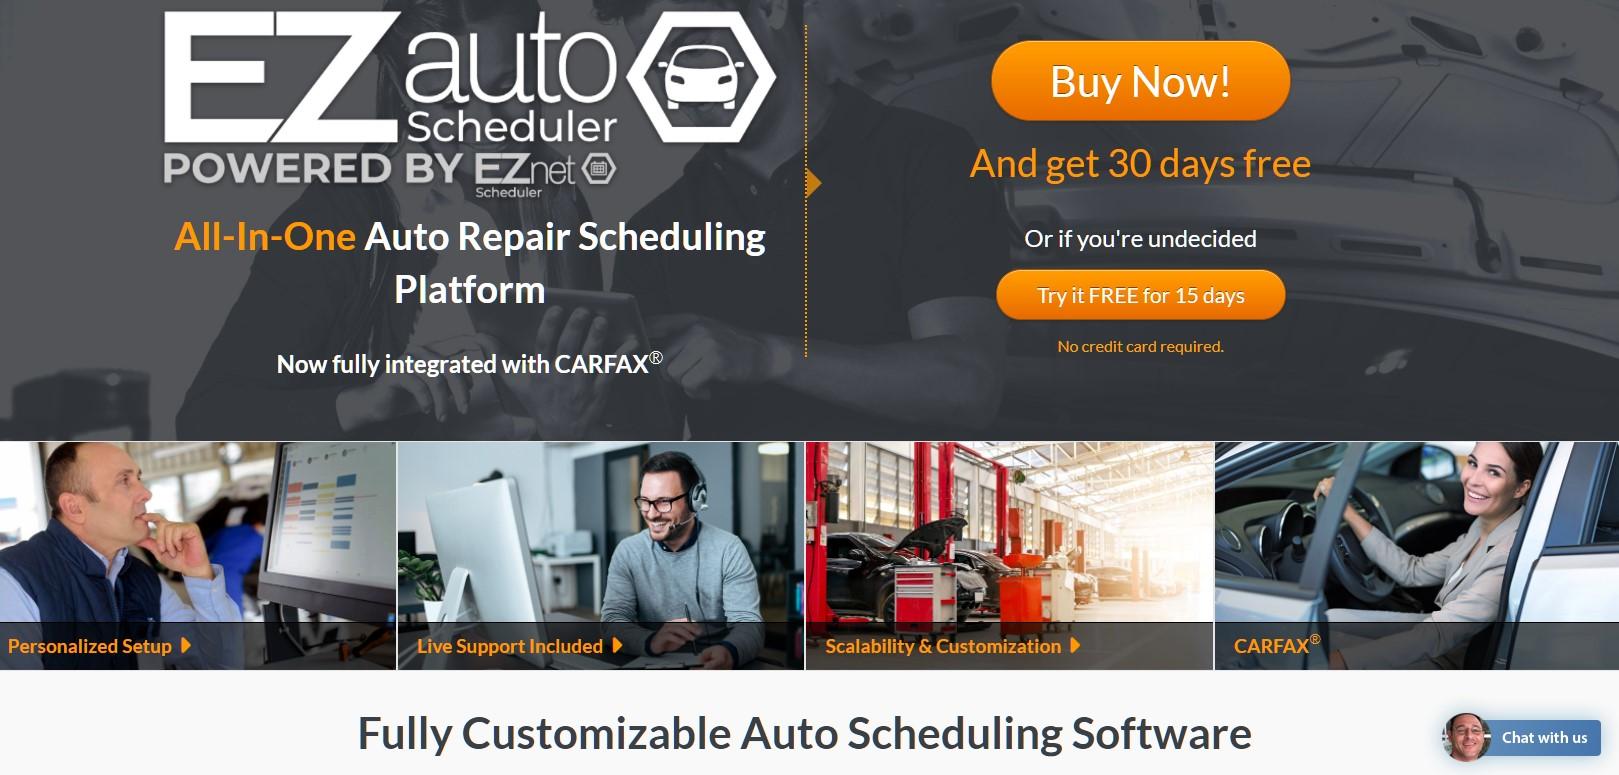 Image of the EZauto Scheduler website.